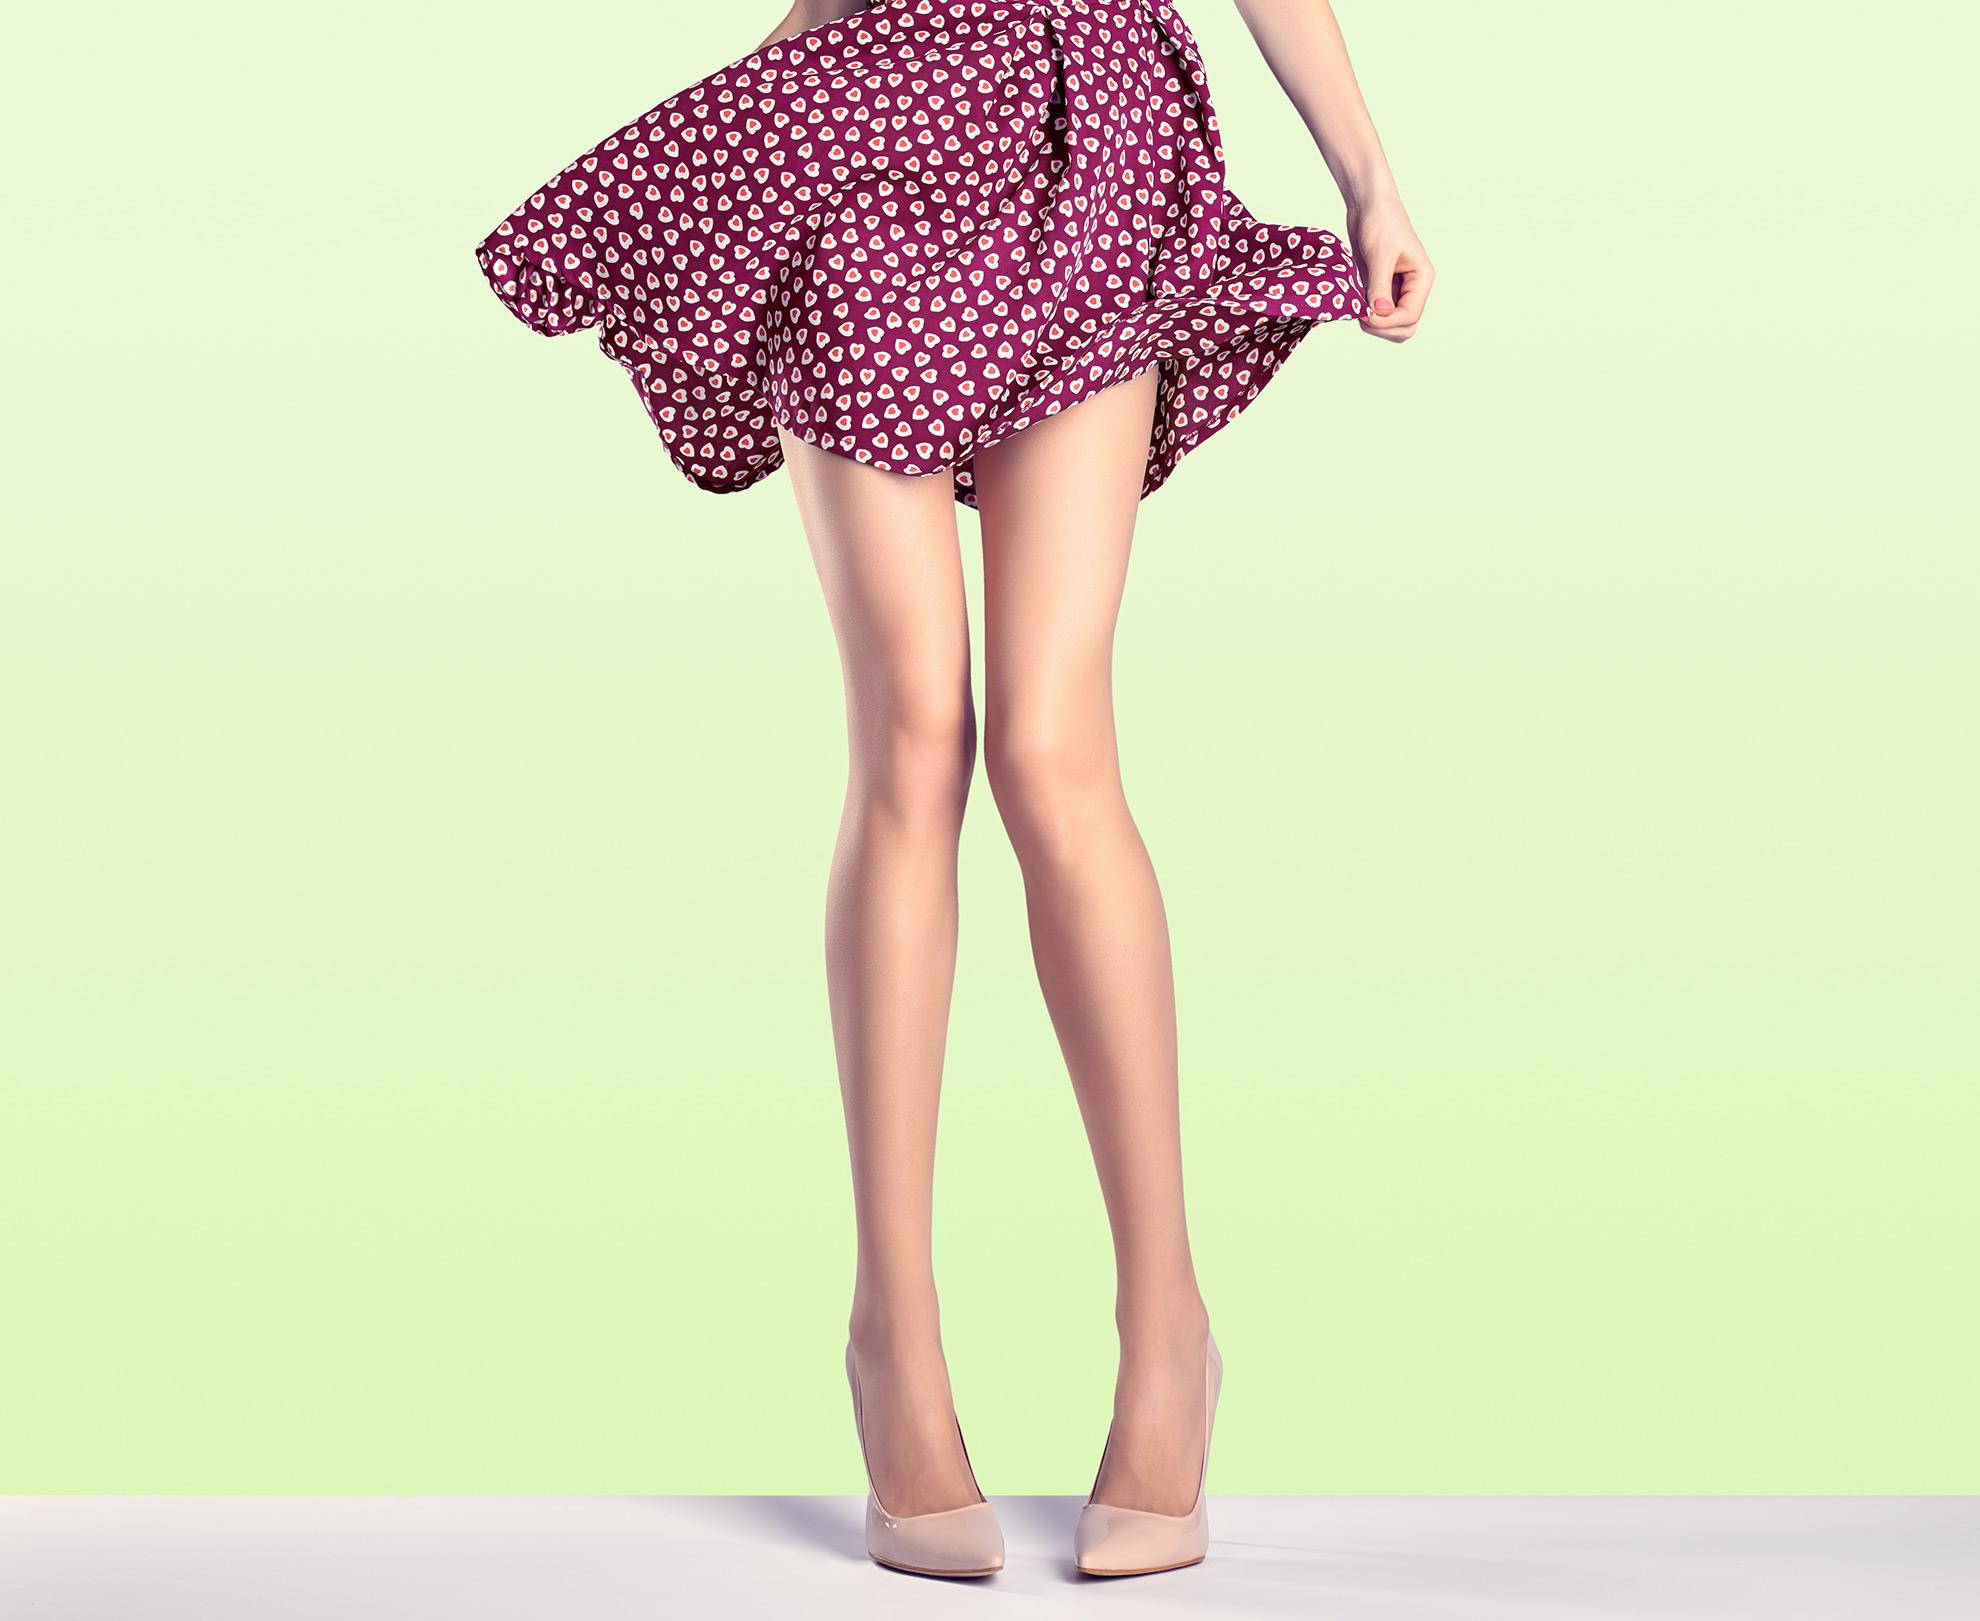 Szczupłe nogi, ilustracja do artykułu o butach do chudych nóg